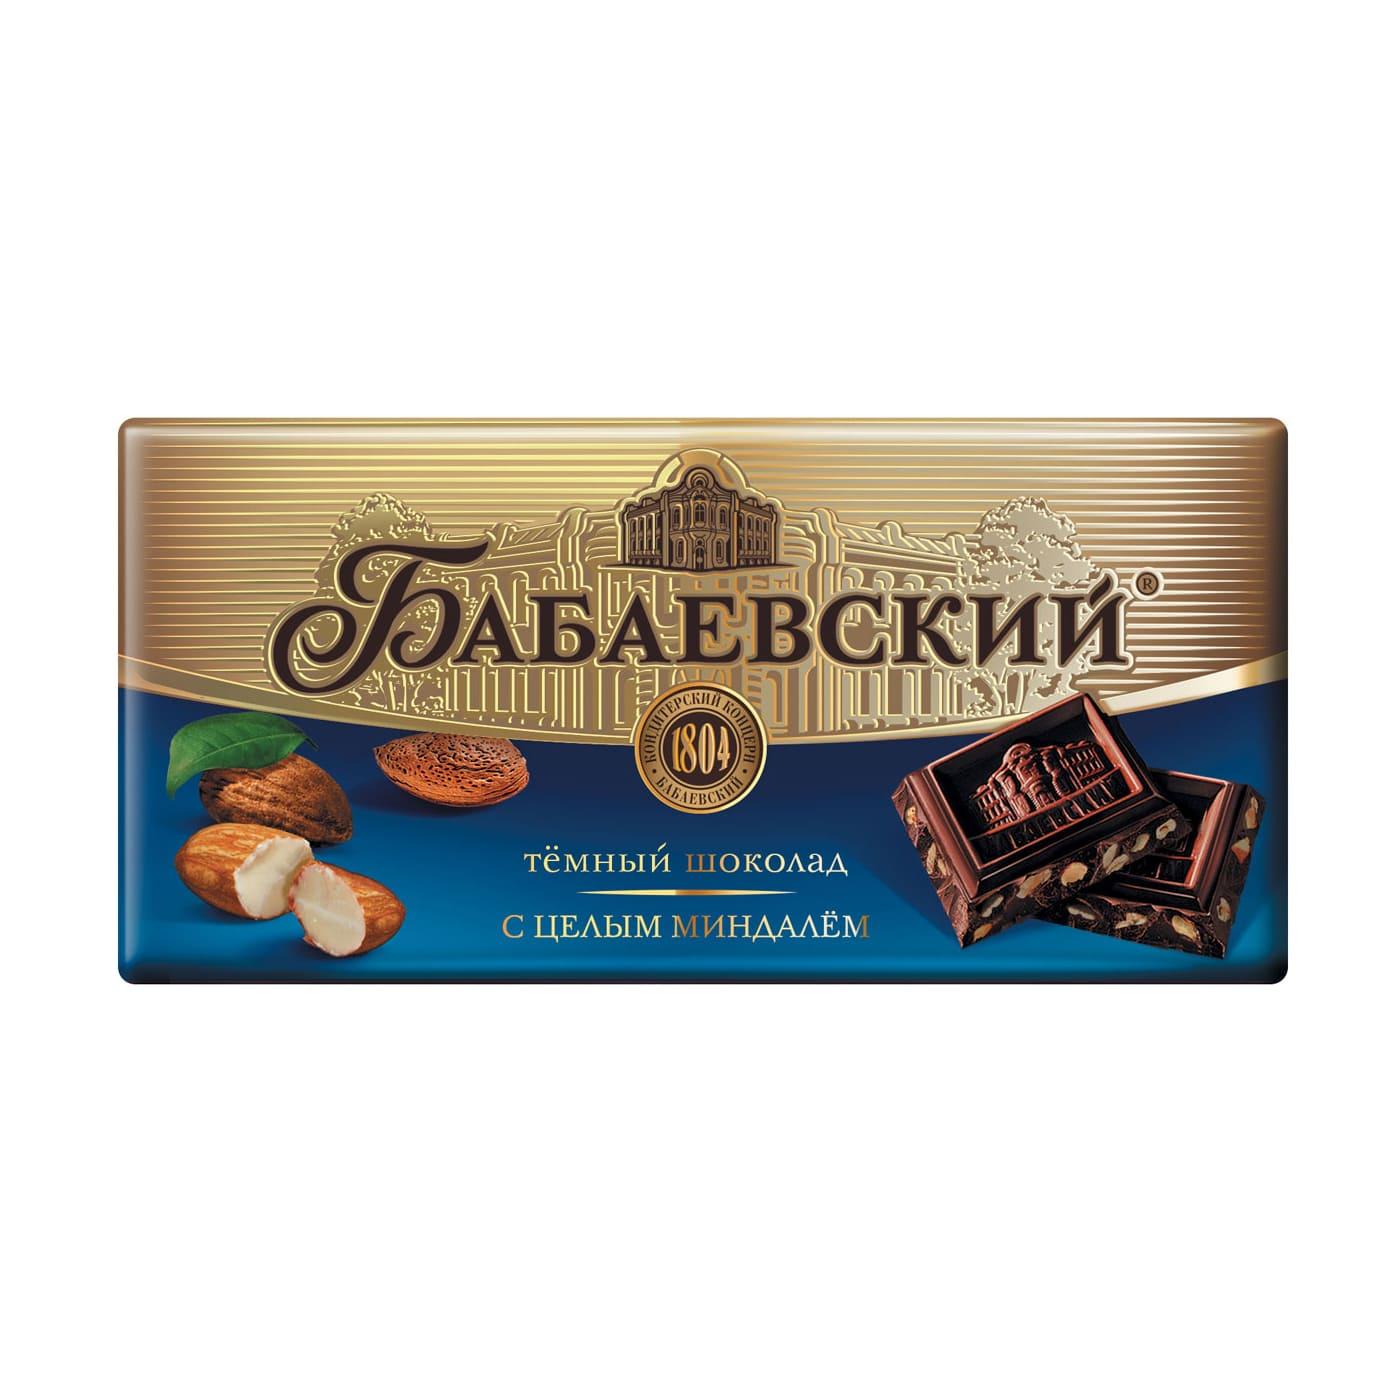 Темный шоколад  Бабаевский  с цельным миндалем 200гр.